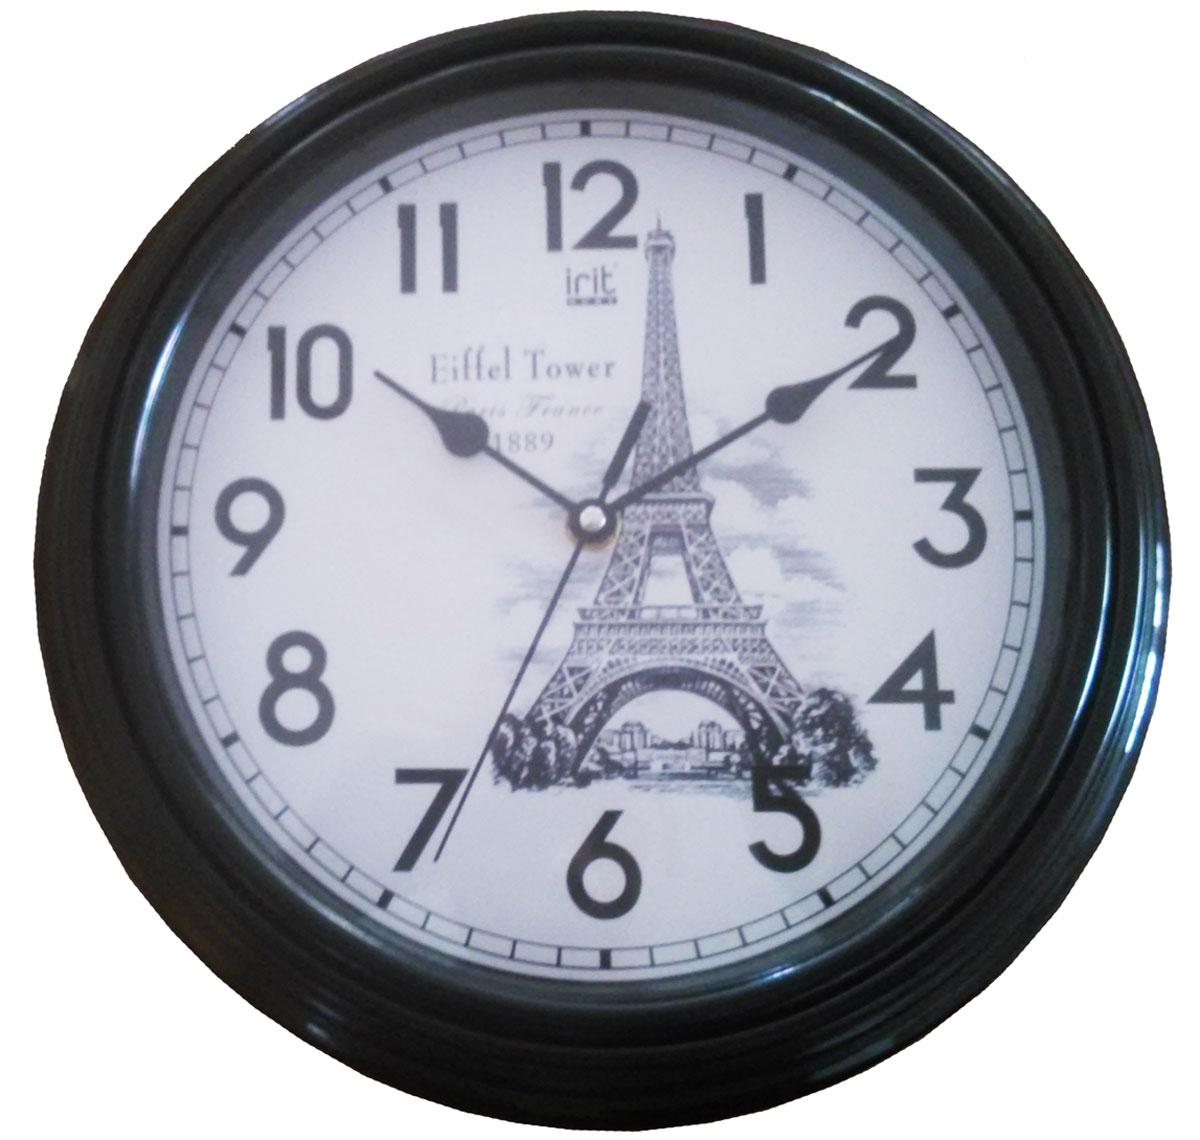 Irit IR-619 настенные часы94672Настенные часы Irit IR-619 - это элегантный и неотъемлемый элемент дизайна любого помещения. Корпус кварцевых часов выполнен из качественного пластика, который гарантирует не только их легкость, но и практичность, легкий монтаж и уход. Циферблат данной модели оформлен стильным и красивым принтом. Диаметр часов: 30 см.